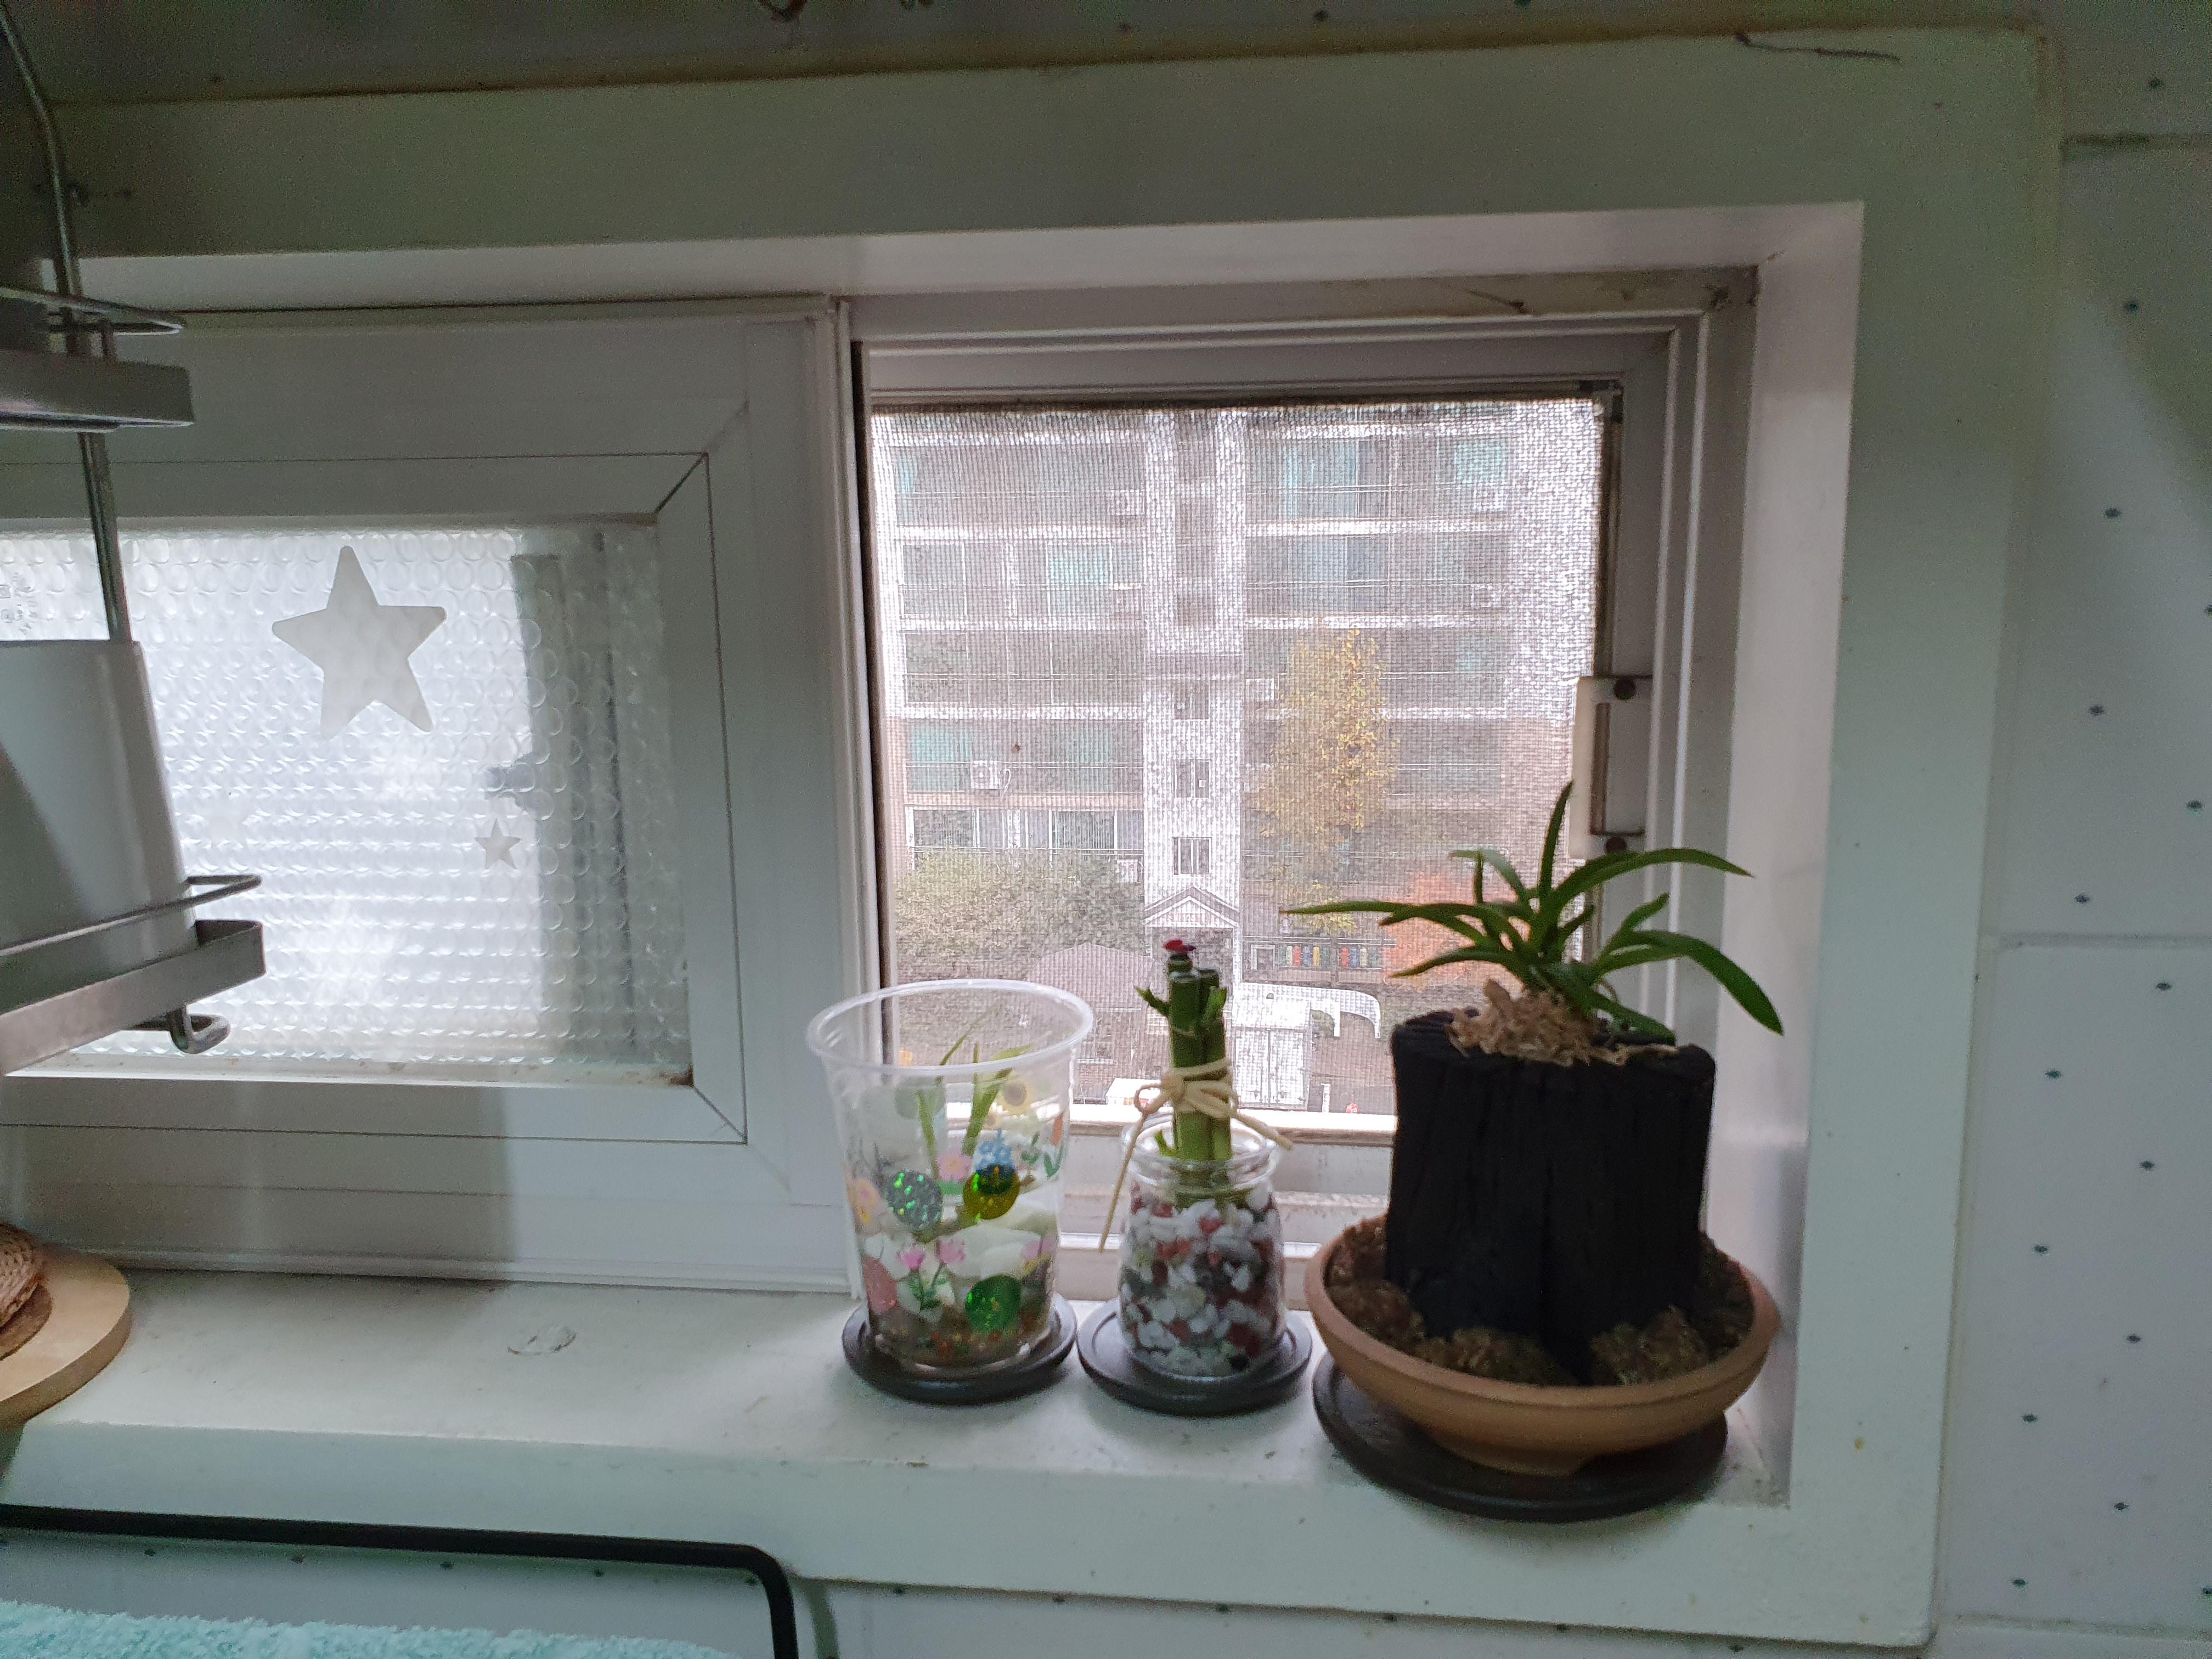 부엌 창가에 개운죽을 하나 더 놓다